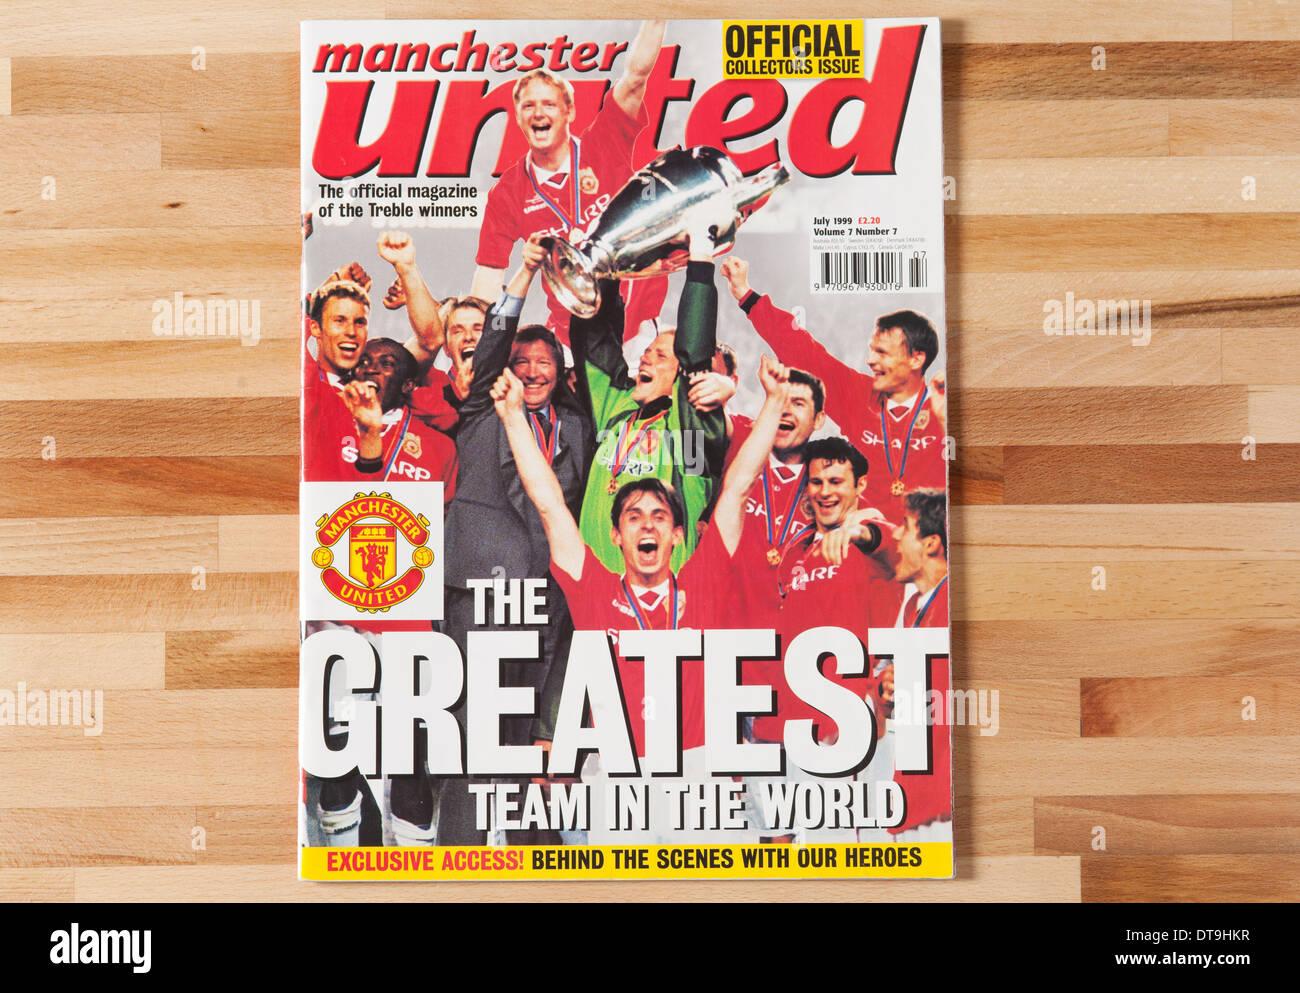 Manchester United Magazine. The Treble 1999. - Stock Image